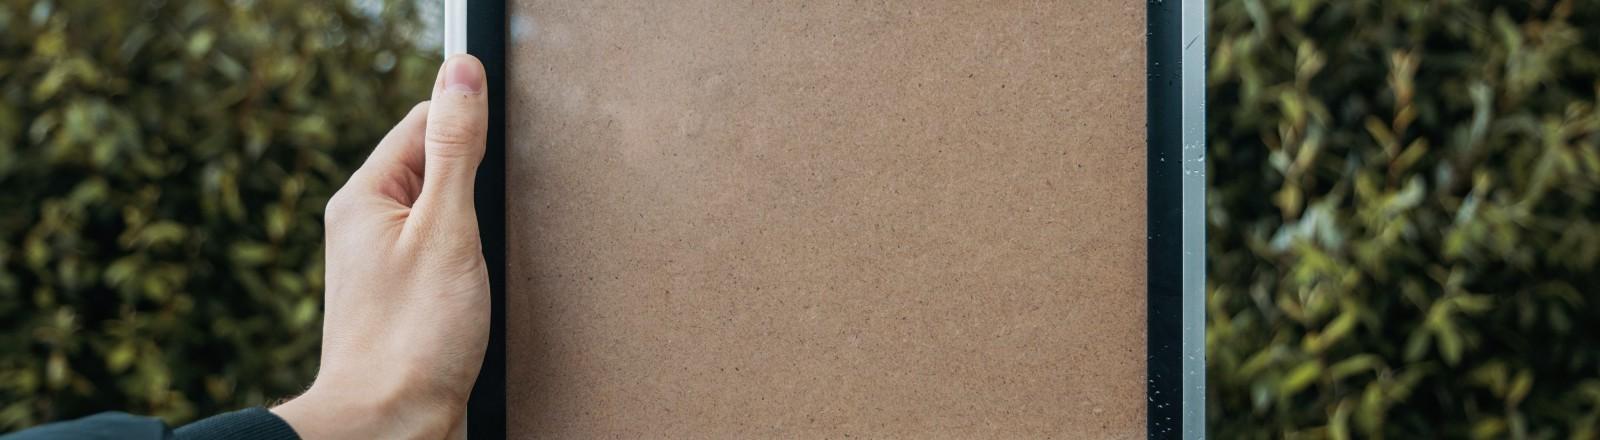 Eine Person hält einen leeren Bilderrahmen hoch.